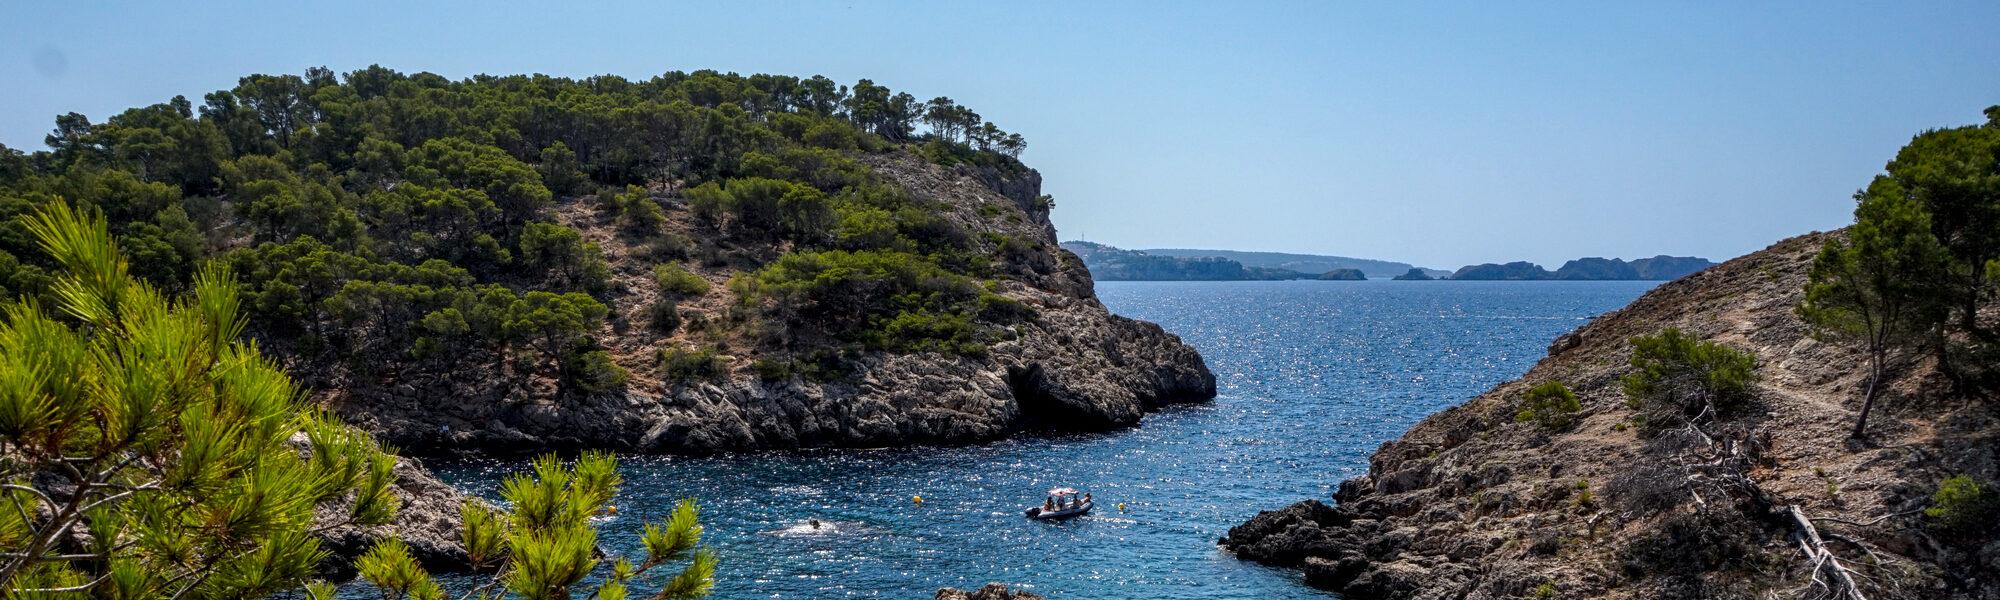 Paguera auf Mallorca – unsere kleine Auszeit